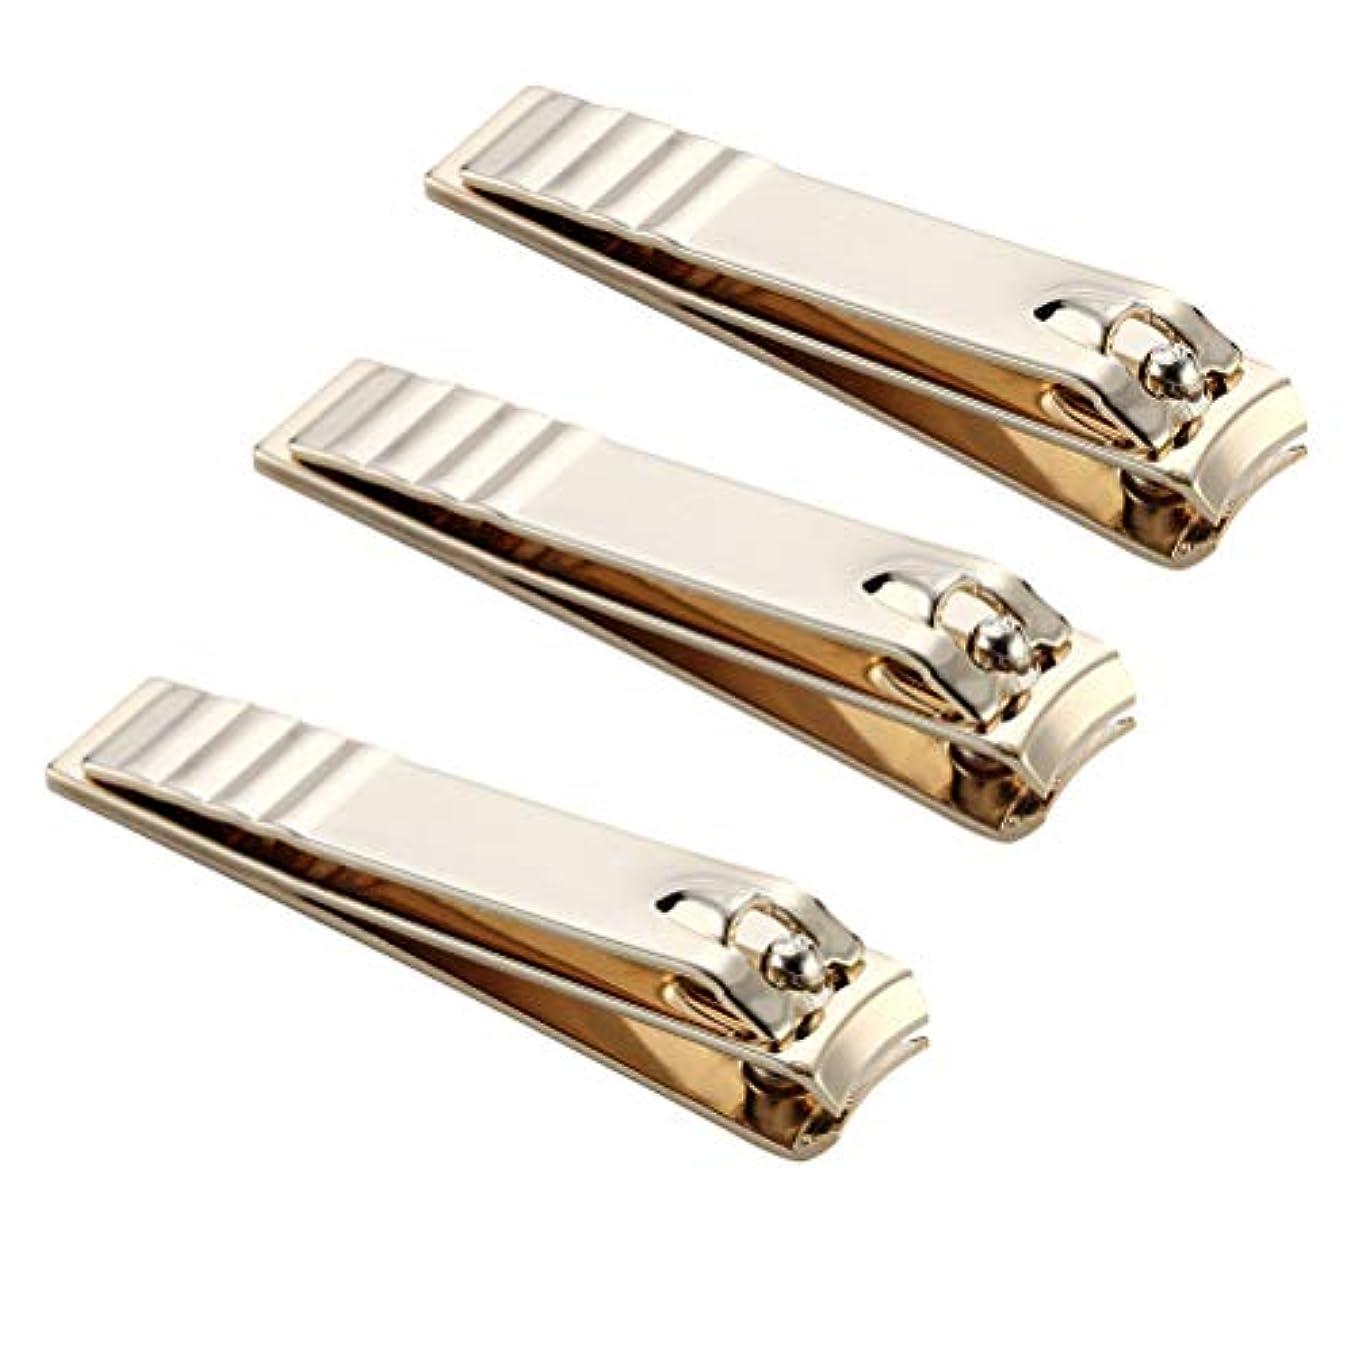 後退する本当のことを言うとブッシュLurrose 3PCS炭素鋼ネイルカッターマニキュアツール多機能ネイルクリッパー(ゴールデン)